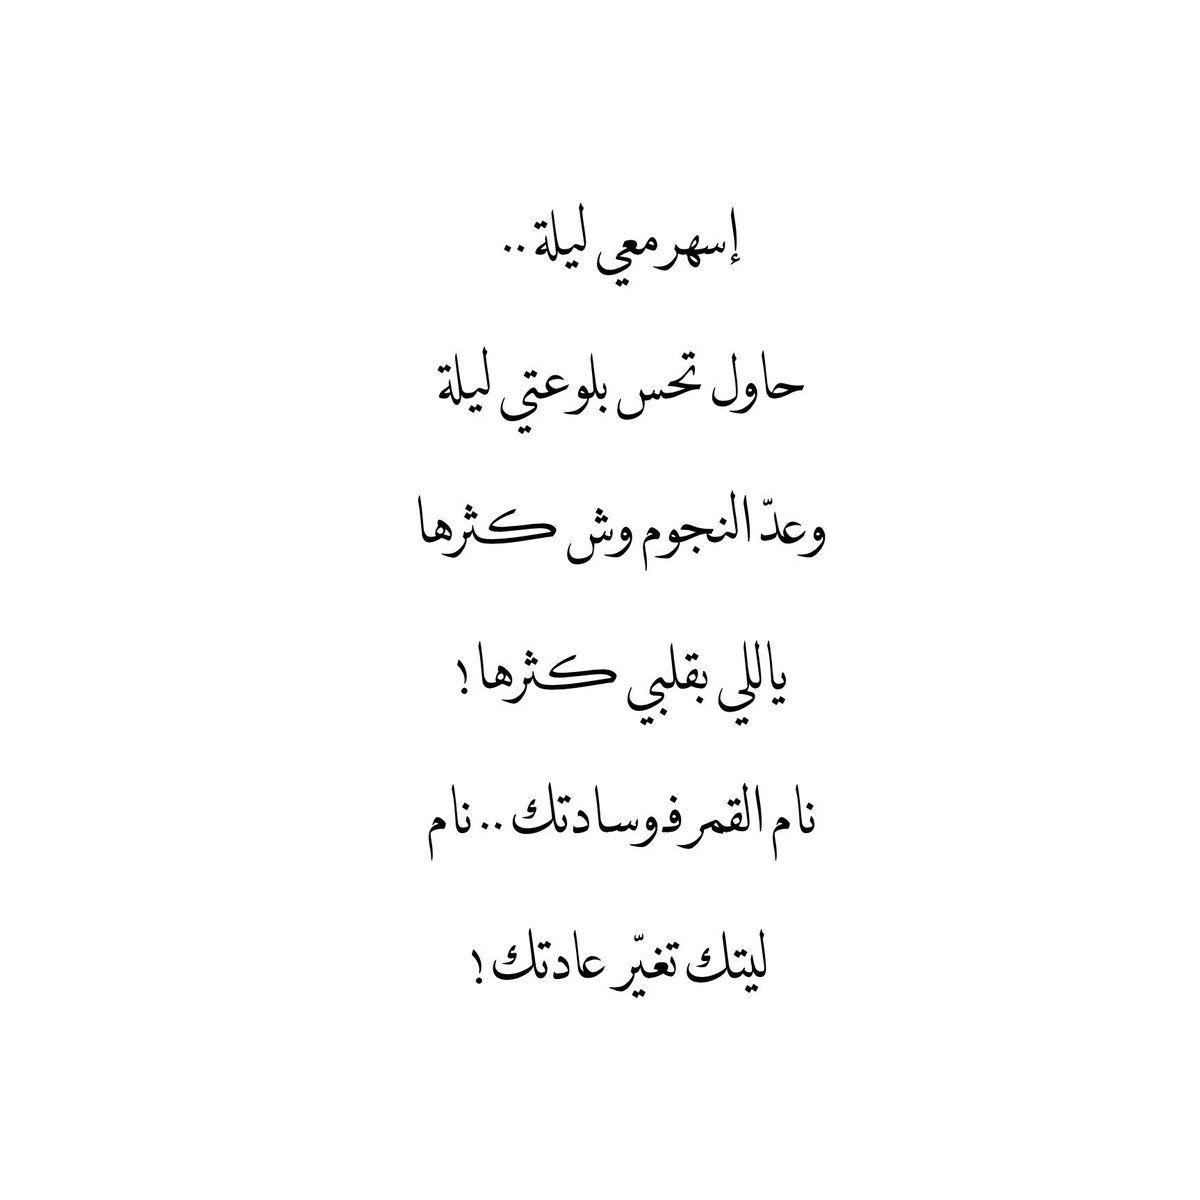 محمد عبده M7md 3bdu Twitter Love Smile Quotes Words Quotes Daily Life Quotes